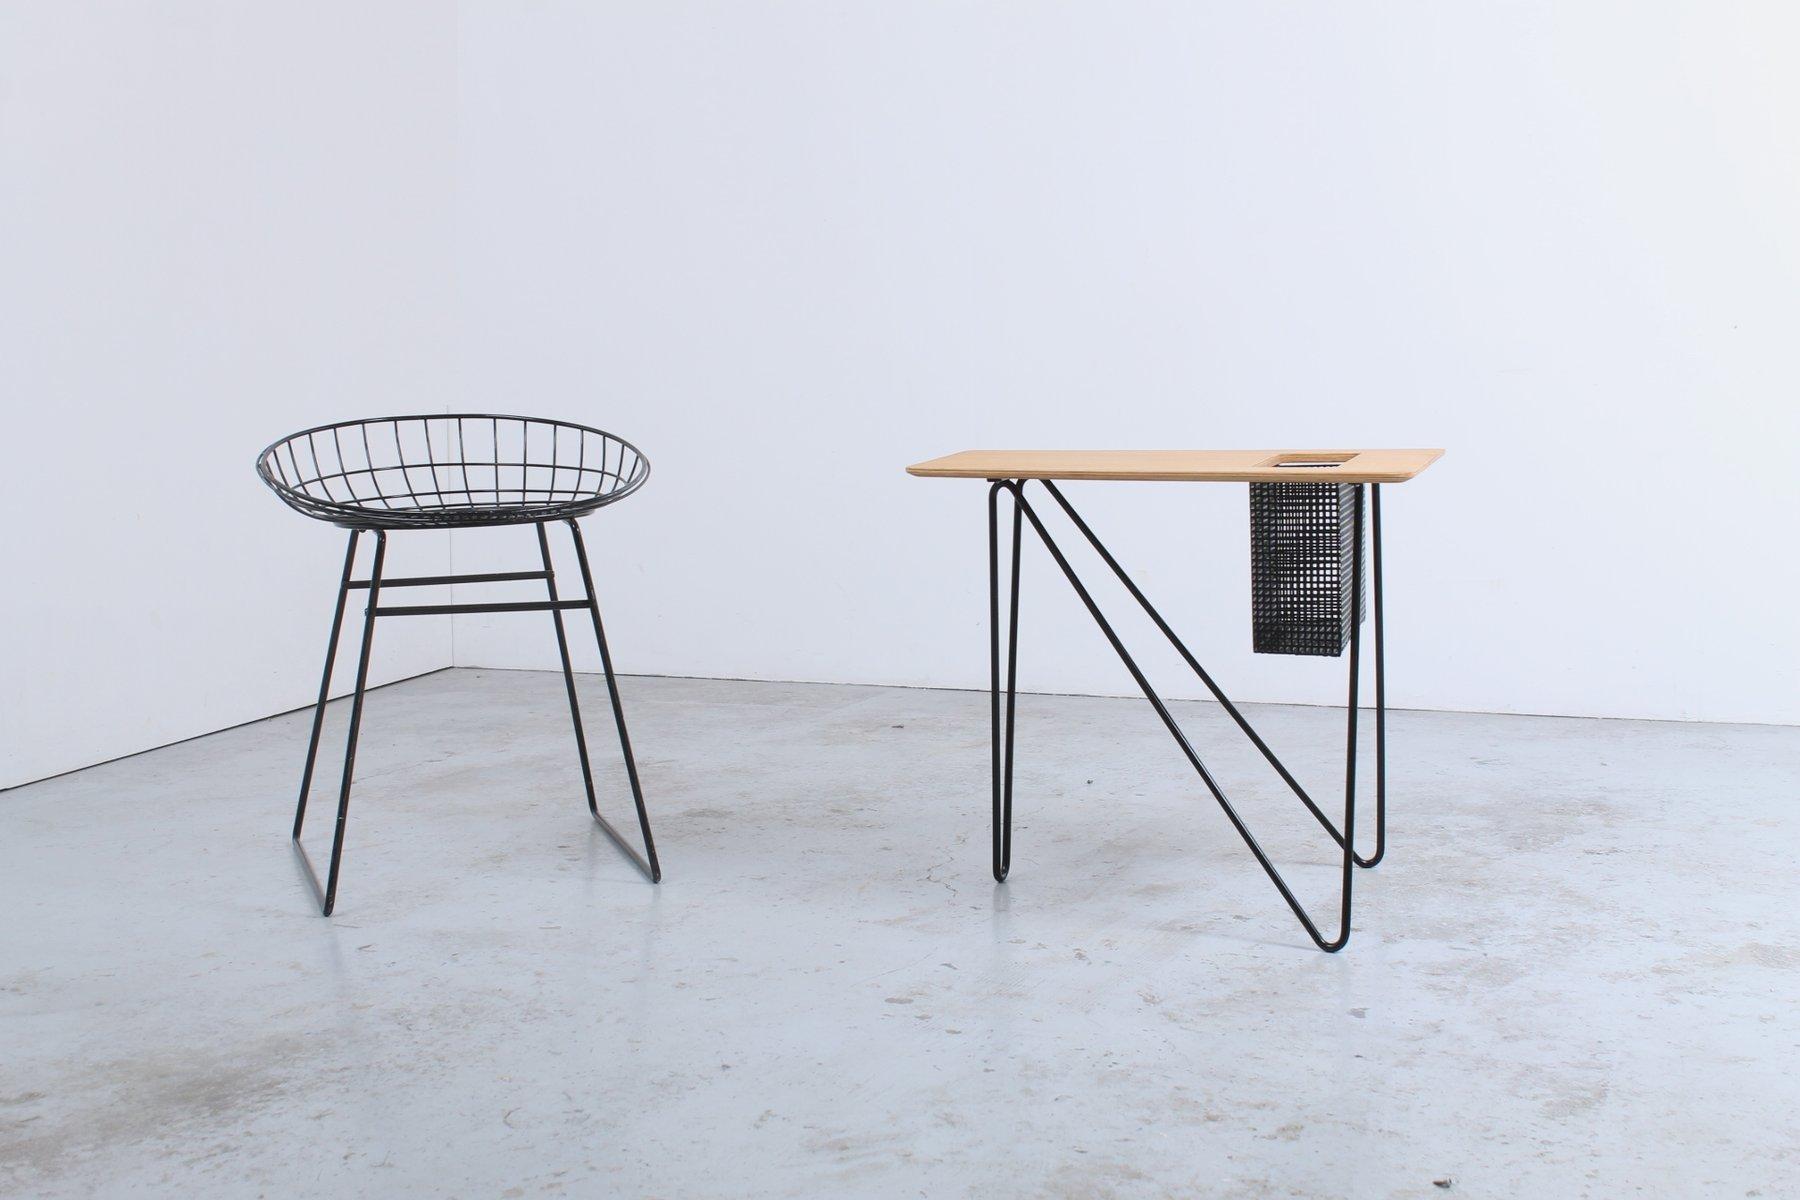 vintage combex series beistelltisch mit zeitungsst nder von cees braakman f r pastoe bei pamono. Black Bedroom Furniture Sets. Home Design Ideas